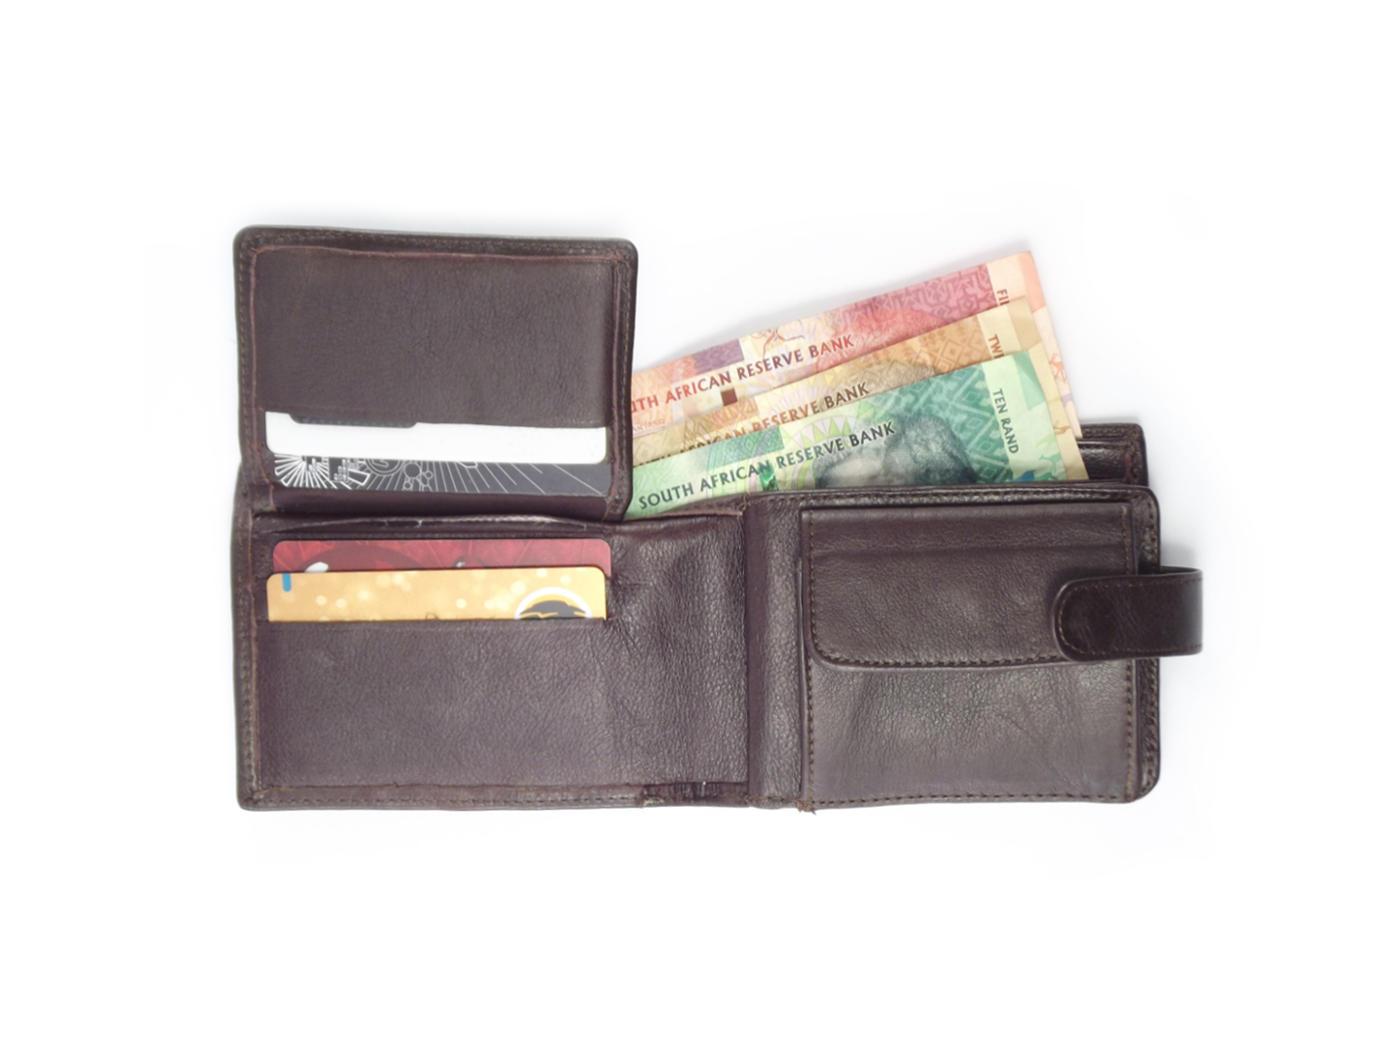 0deecbb6712a Wallet 16 Cards HPMW18WTKU - mens leather credit card wallet by Der  Lederhandler